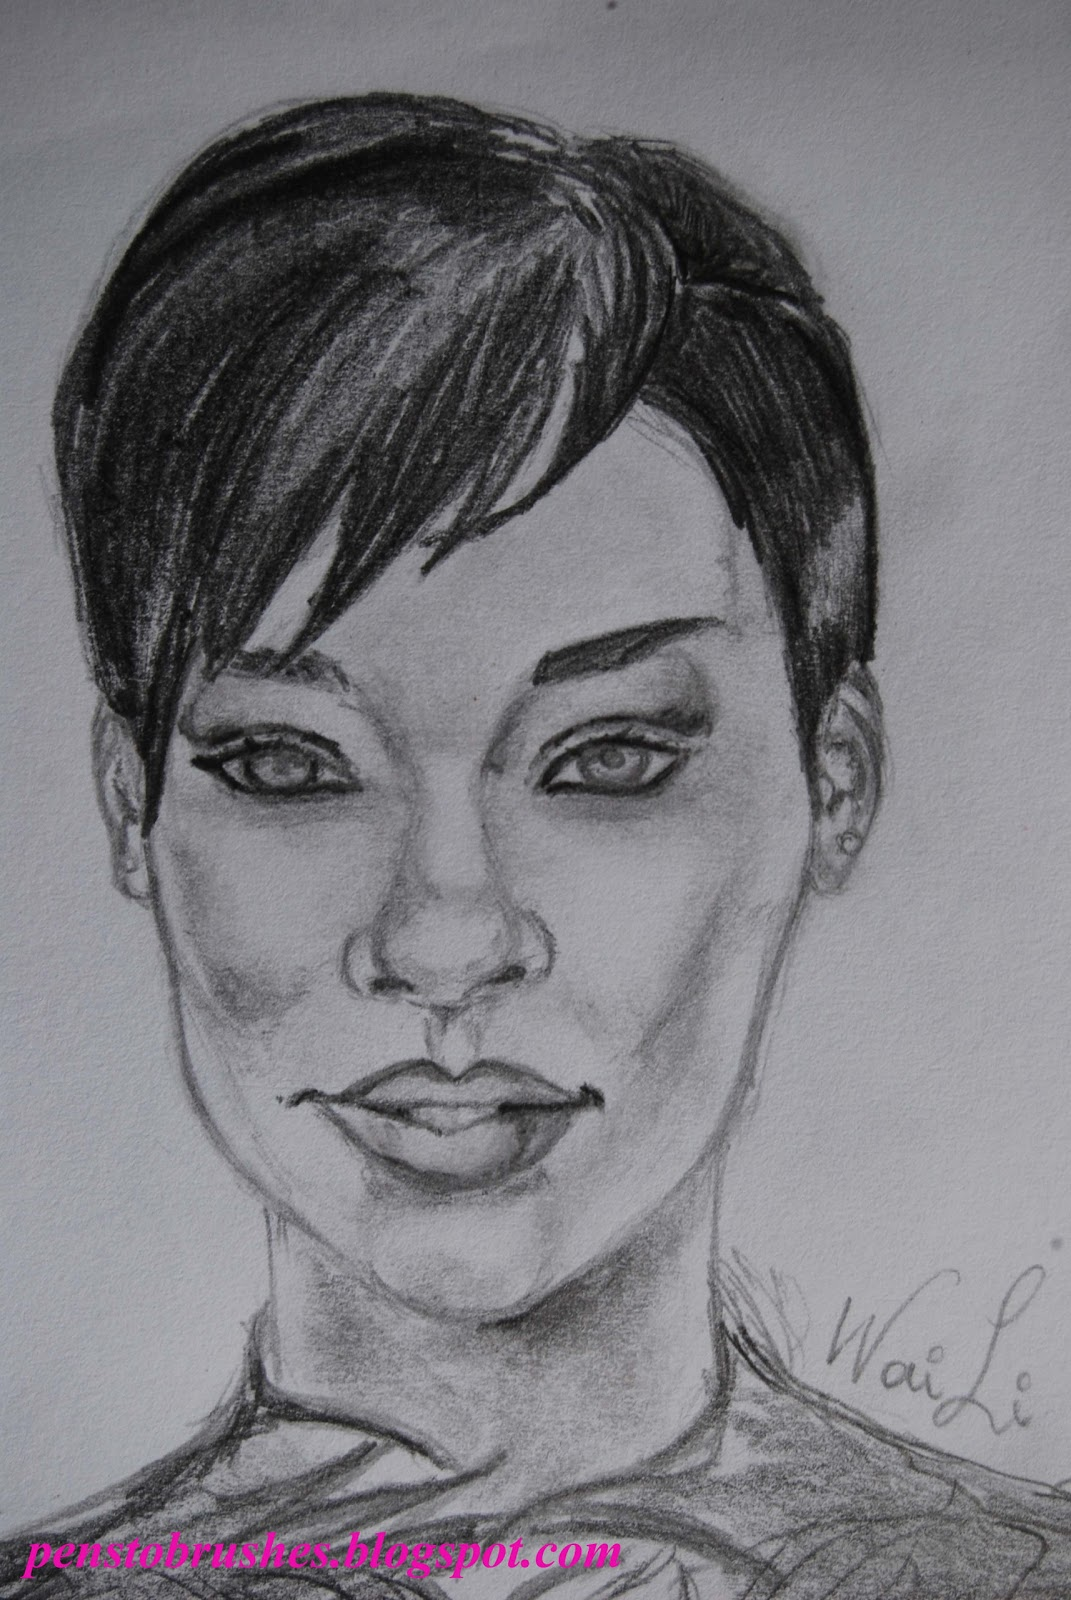 http://1.bp.blogspot.com/-OHrkDusWi2E/TgI0tms5qBI/AAAAAAAAAP4/xDYYP8Gbkg8/s1600/Rihanna.jpg